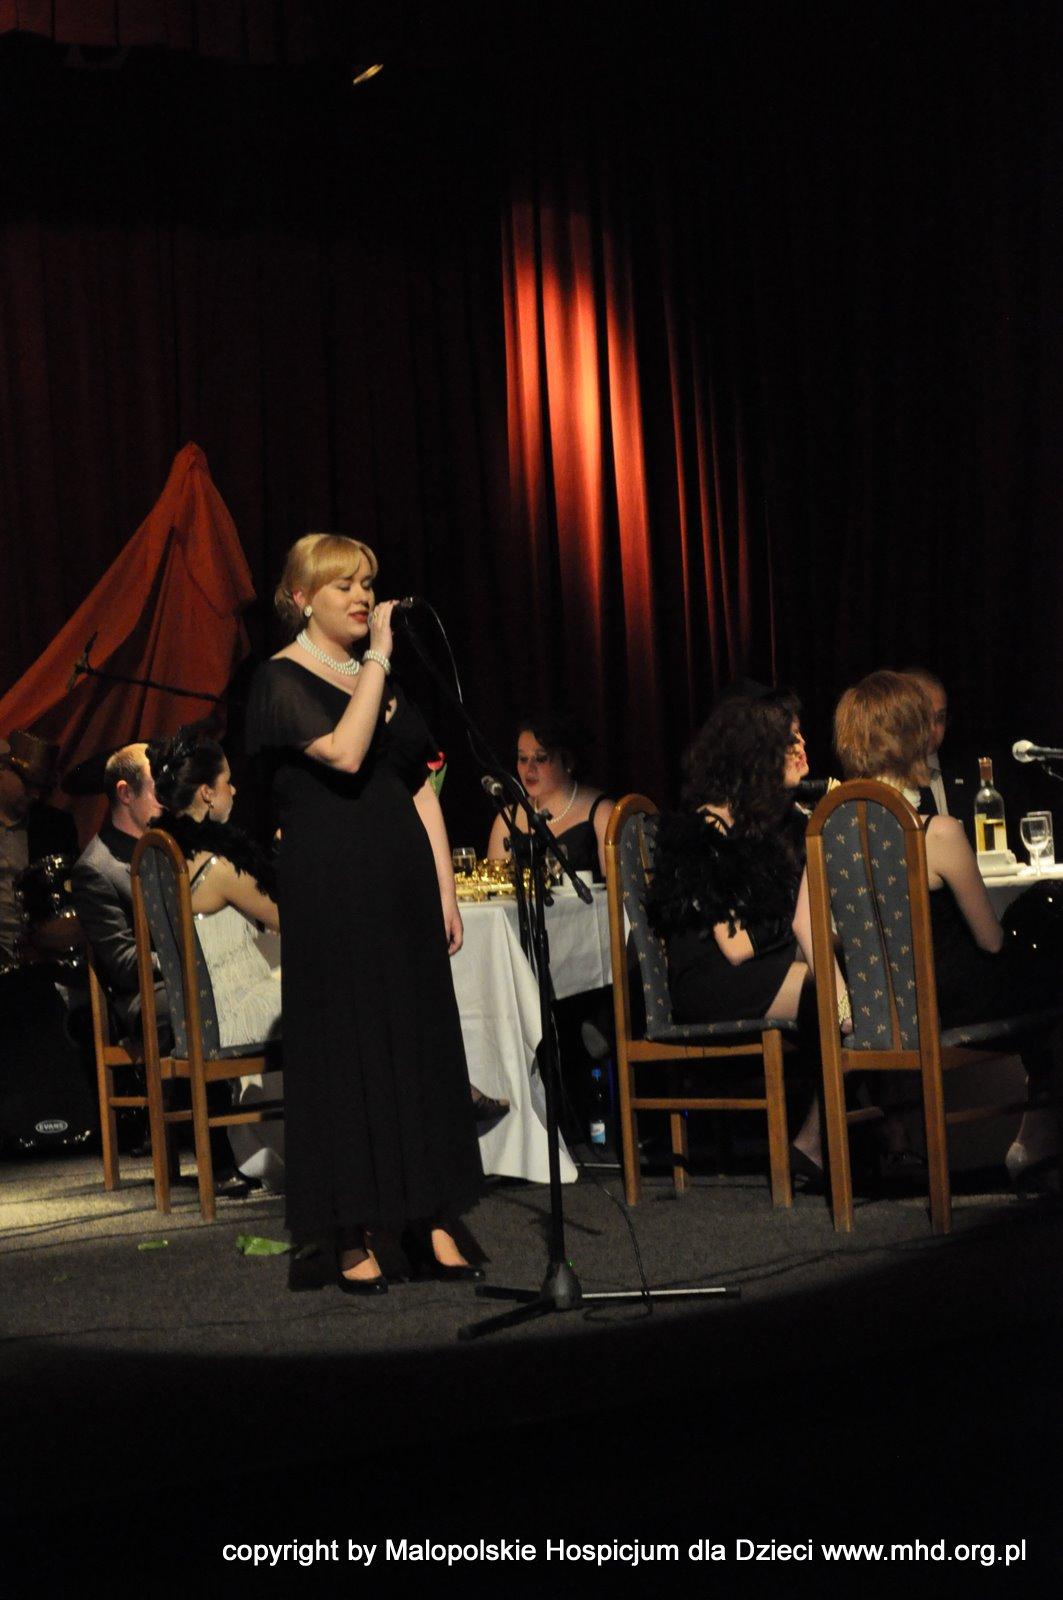 Koncert muzyki lat 20 i 30 XX wieku, przygotowany przez wolontariuszy i przyjaciół MHD z okazji 5. rocznicy powstania MHD. Impreza odbyła się 26 lutego 2011 roku w Klubie 2. Zmechanizowanego w Krakowie.  Autor zdjęć: Kamila -bardzo dziękujemy :)